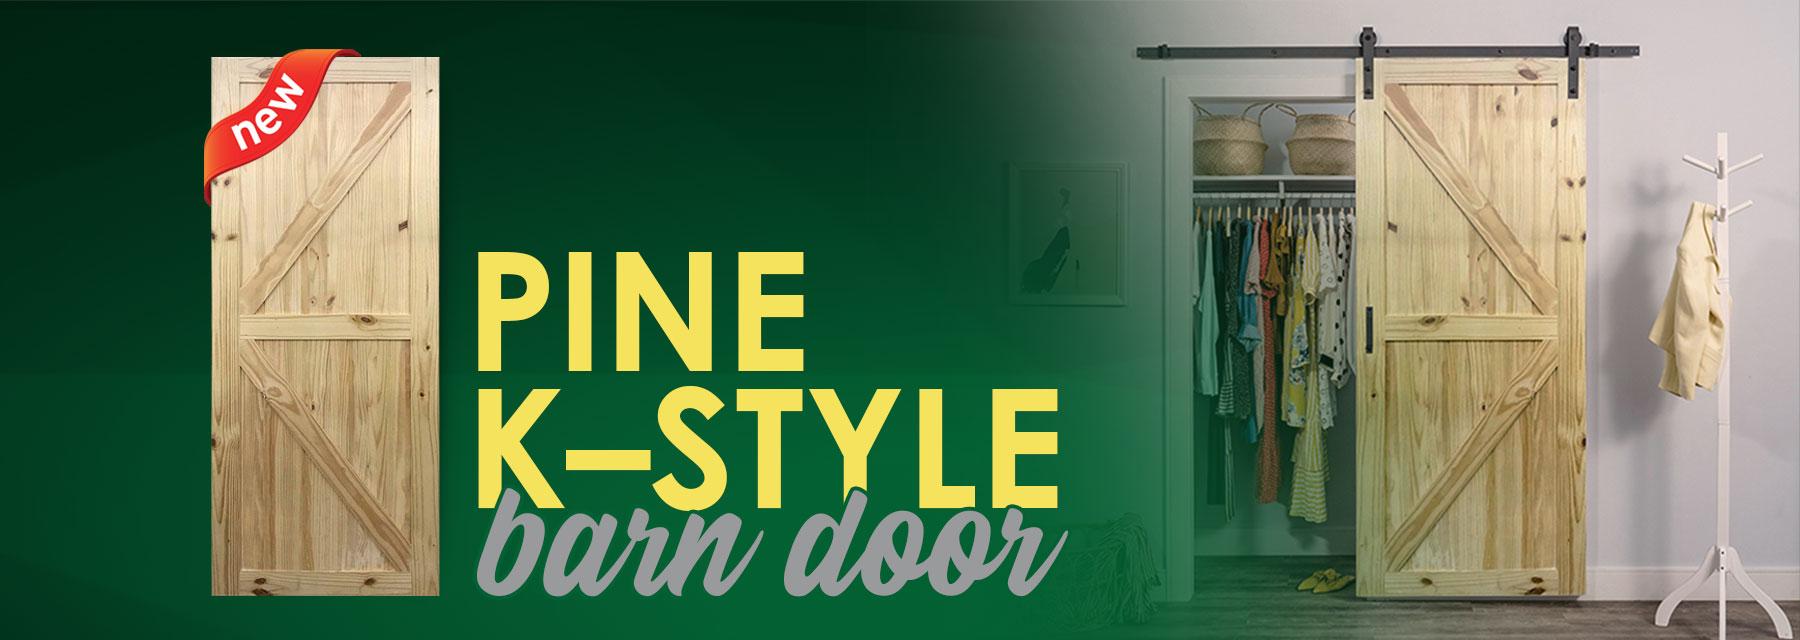 Pine K-Style Barn Door